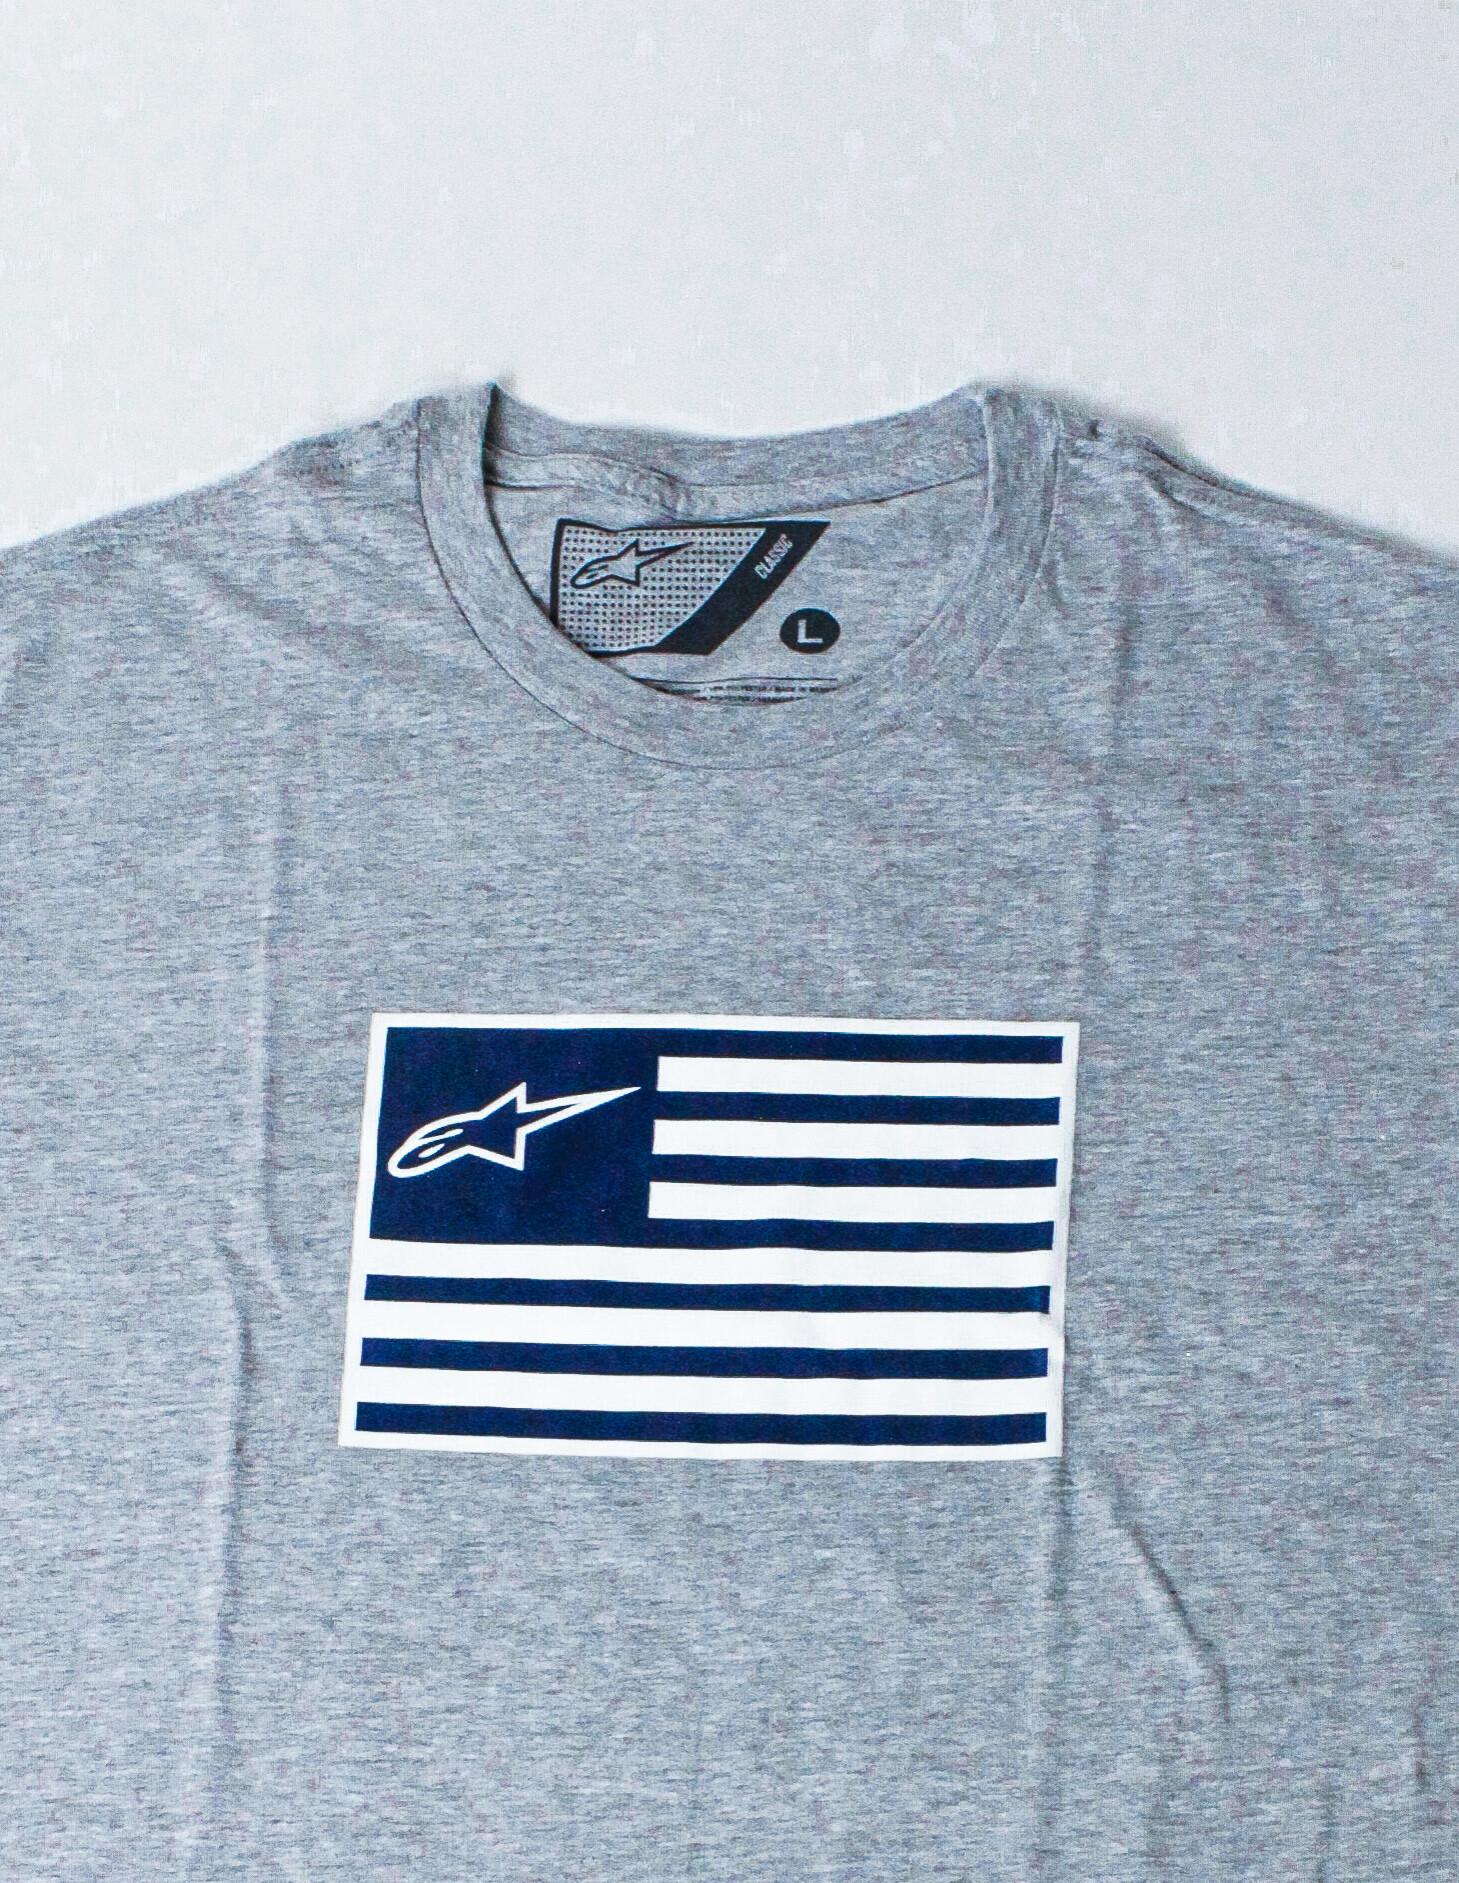 Alpinestars Vlag wit blauw – grijze T-shirt voor mannen